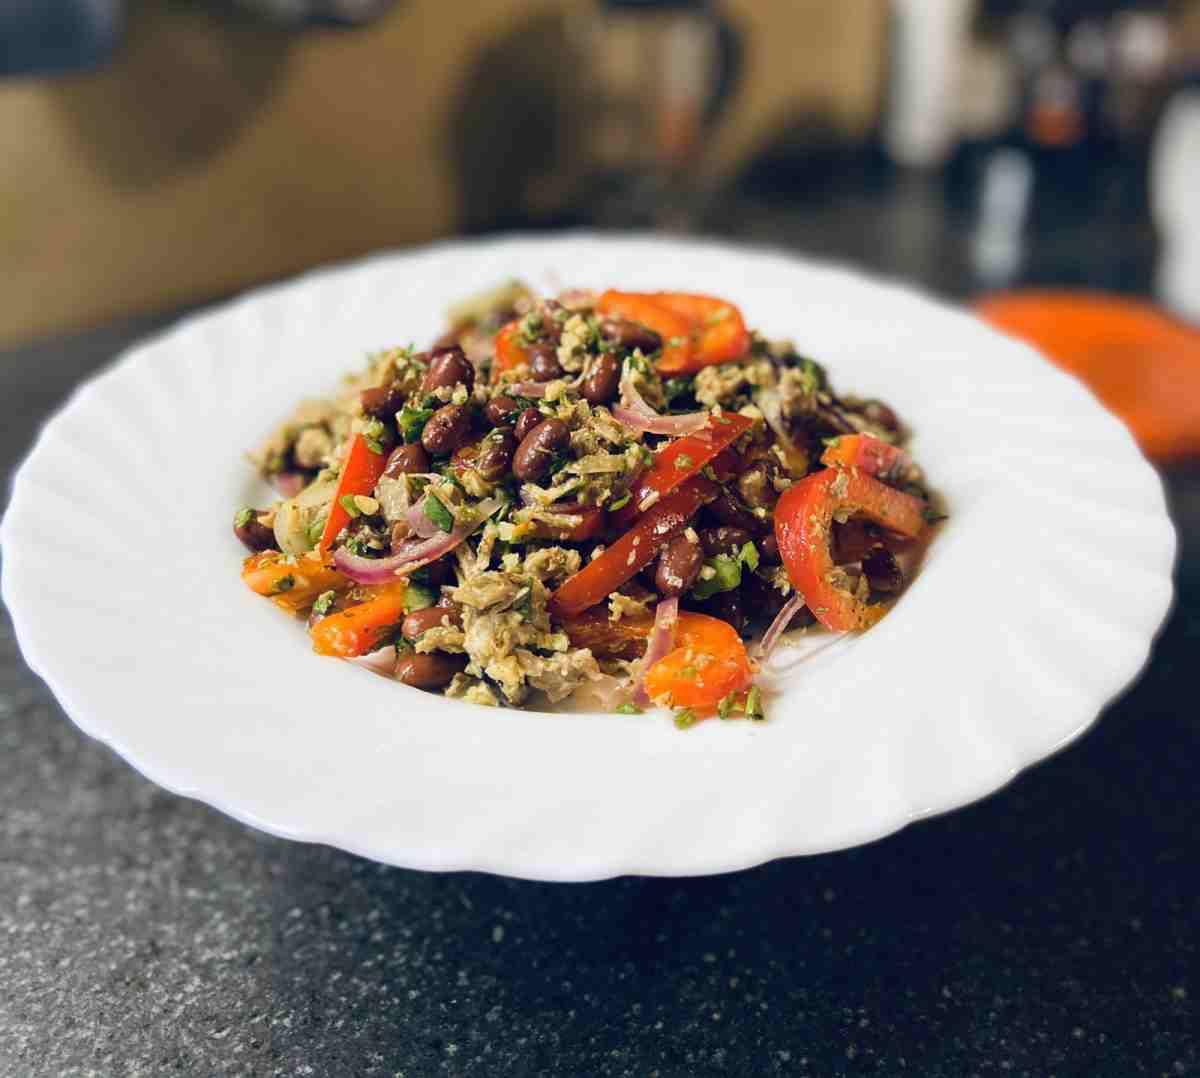 Салат тбилиси рецепт классический с говядиной